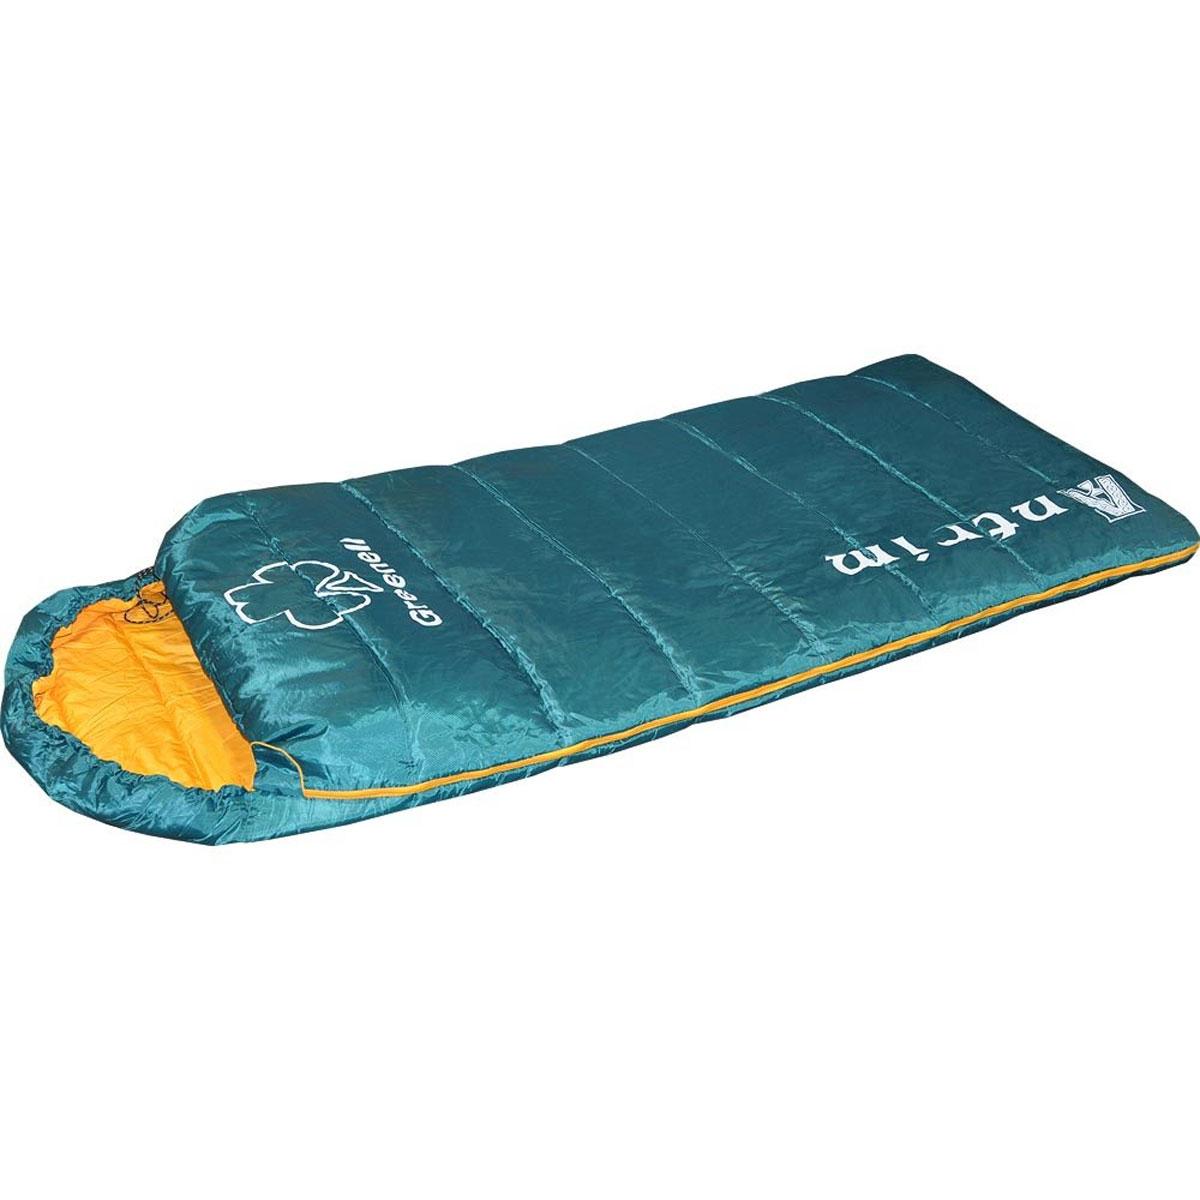 Спальный мешок Greenell Антрим, левосторонняя молния, цвет: зеленыйSPIRIT ED 1050Летний спальник Greenell Антрим изготовлен в форм-факторе мешок-одеяло с подголовником. Антрим имеет большой внутренний объем и ориентирован на использование людьми, крупной комплекции, а для капризных путешественников, любящих особый комфорт это единственный и необходимый вариант для полноценного ночлега! Легкий спальник Greenell Антрим имеет удобный кармашек внутри для личных вещей, очков, контактных линз и другой ночной атрибутики. В свернутом виде спальник помещается в компрессионный мешок и занимает минимум места в рюкзаке или багажном отделении автомобиля.Ткань верха спального мешка обработана влагостойкой пропиткой. Гиппоалергенный материал утеплителя холлофайбер не сминается, быстро сохнет и обладает отличными теплосберегающими свойствами. Особое расположение швов предотвращает миграцию утеплителя внутри спального мешка.При необходимости двухзамковая молния позволяет состегнуть два однотипных спальника, образуя просторную спарку для отдыха всей семьей. Материал верха: 210T Polyester Honey Ripstop Cire W/R. Материал подкладки: 240T Polyester Pongee.